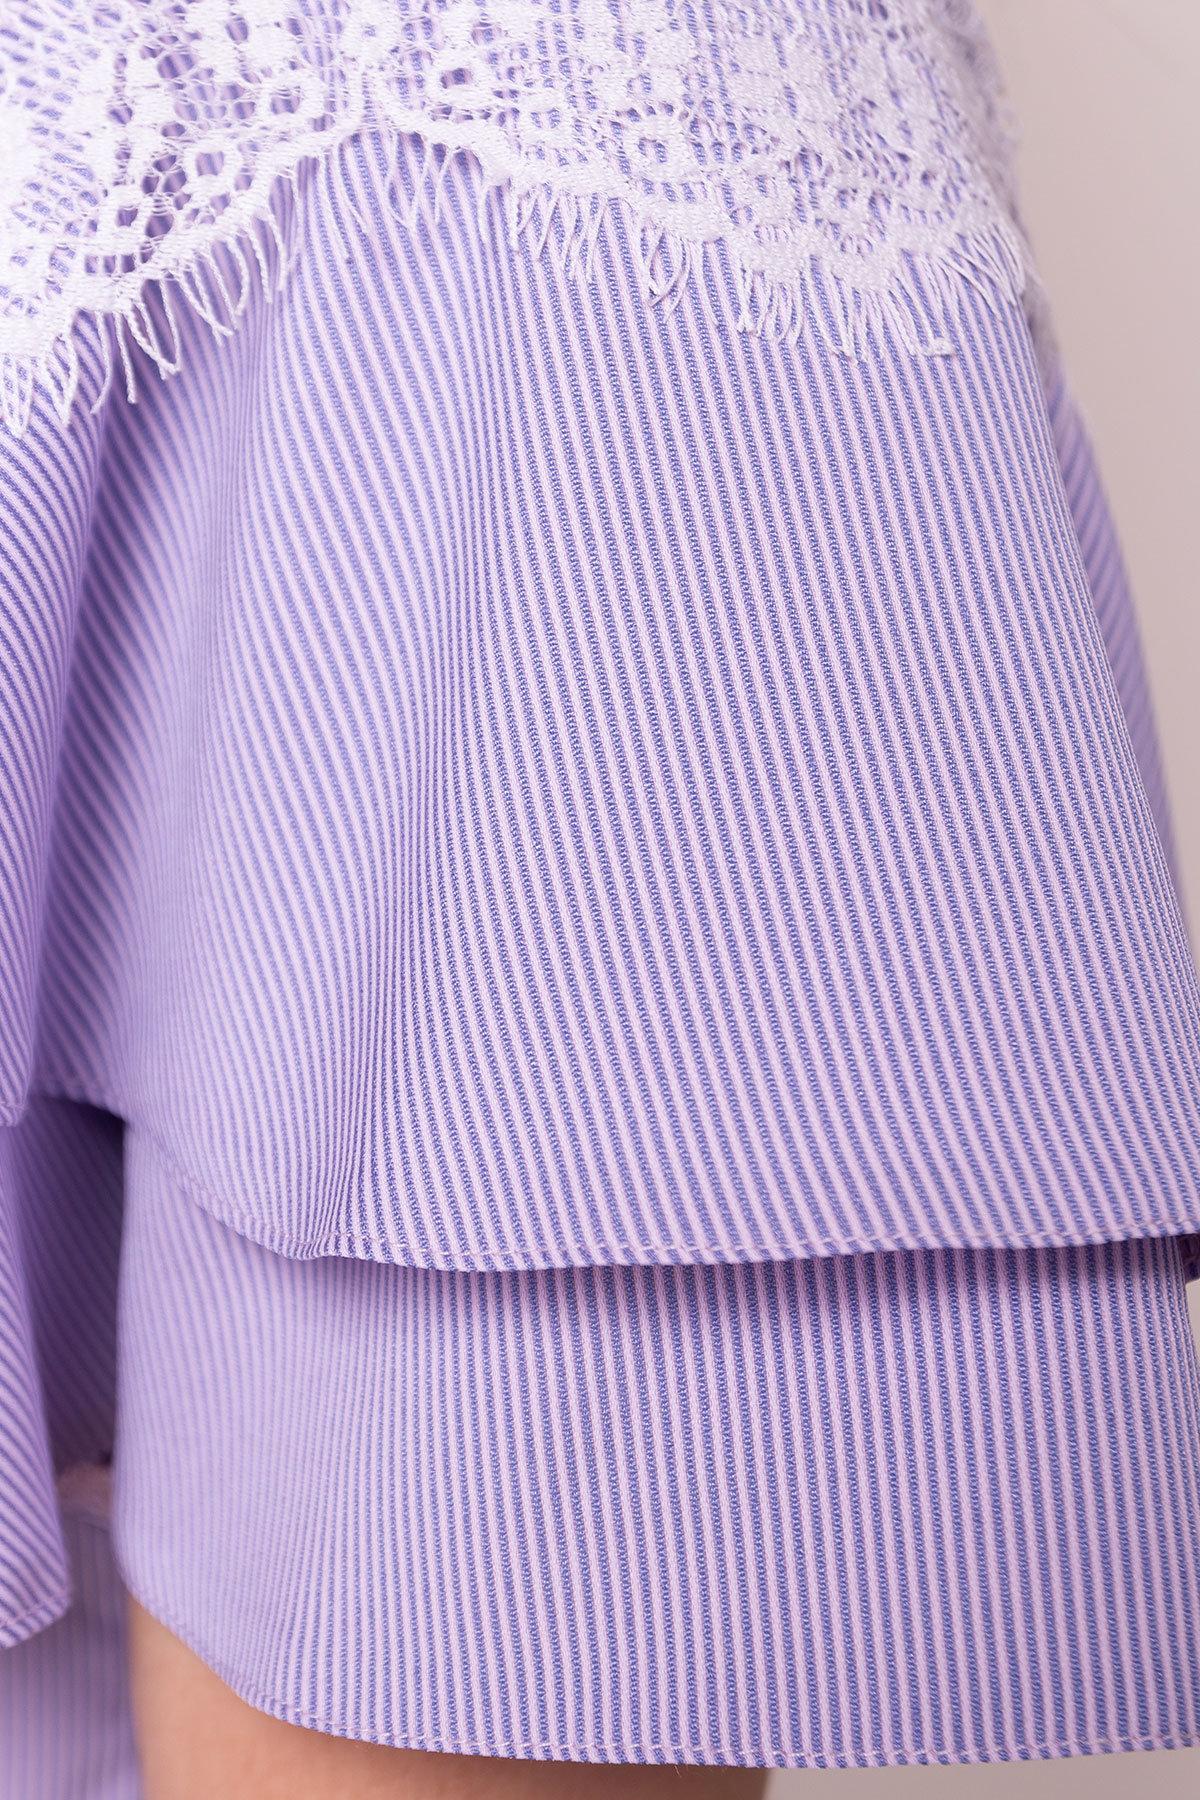 Блуза Ириска 4962 АРТ. 35298 Цвет: Синий/розовый - фото 4, интернет магазин tm-modus.ru